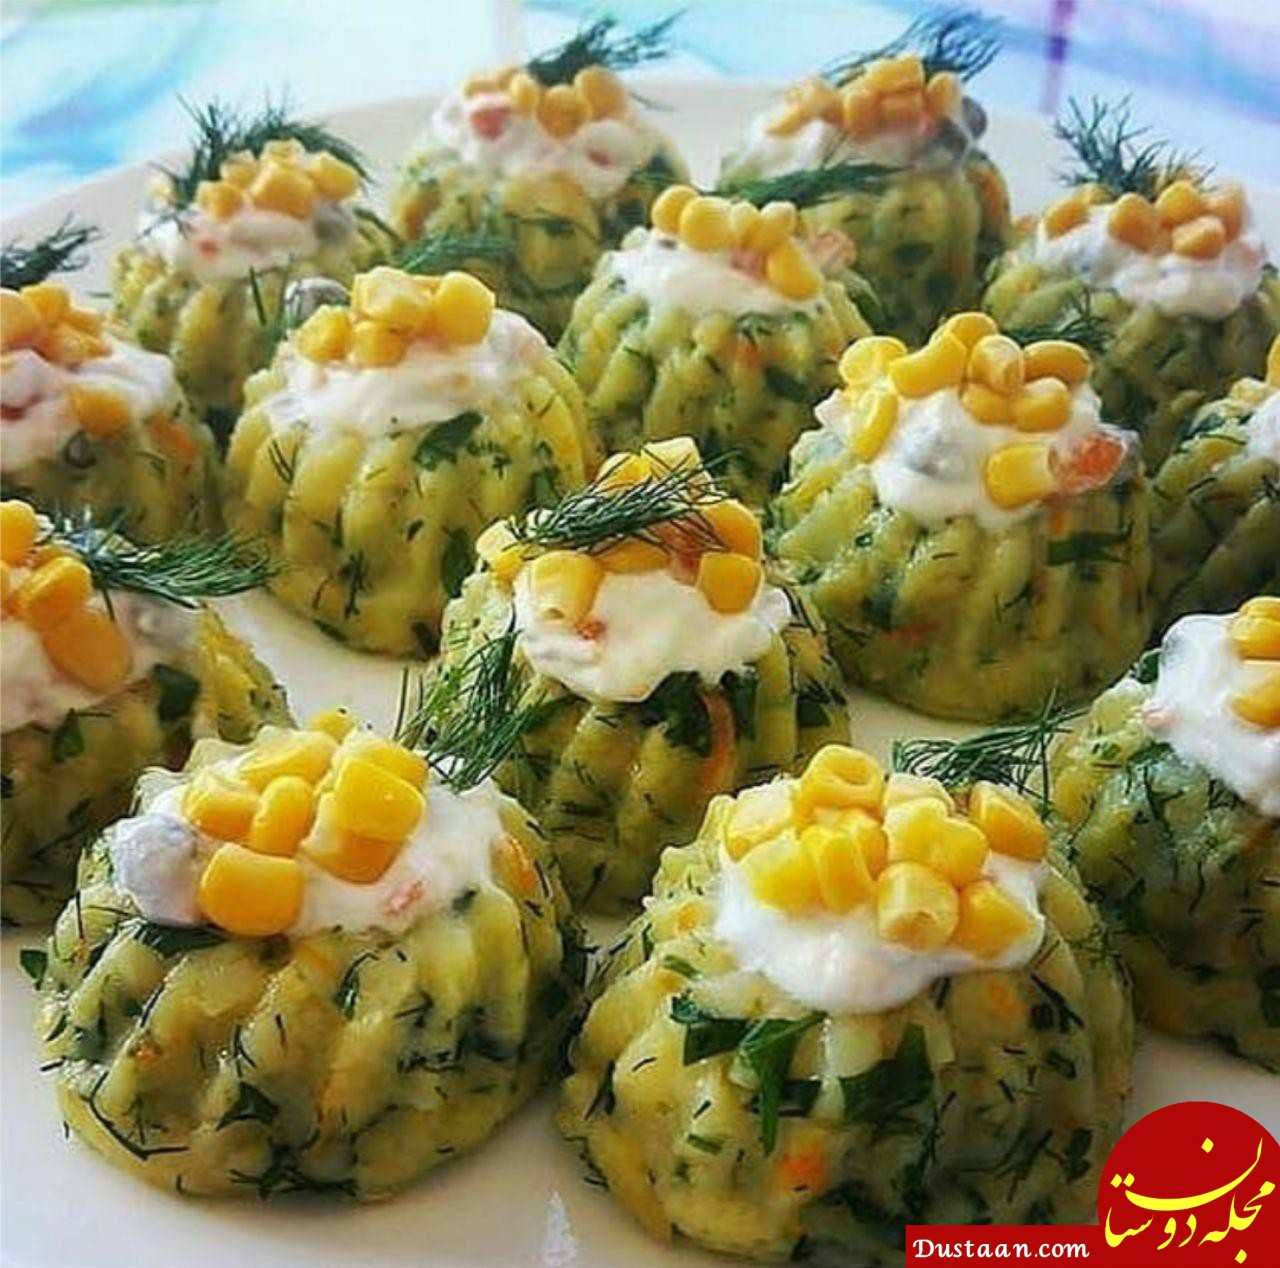 www.dustaan.com طرز تهیه سالاد سیب زمینی قالبی ، خوشمزه و متفاوت!